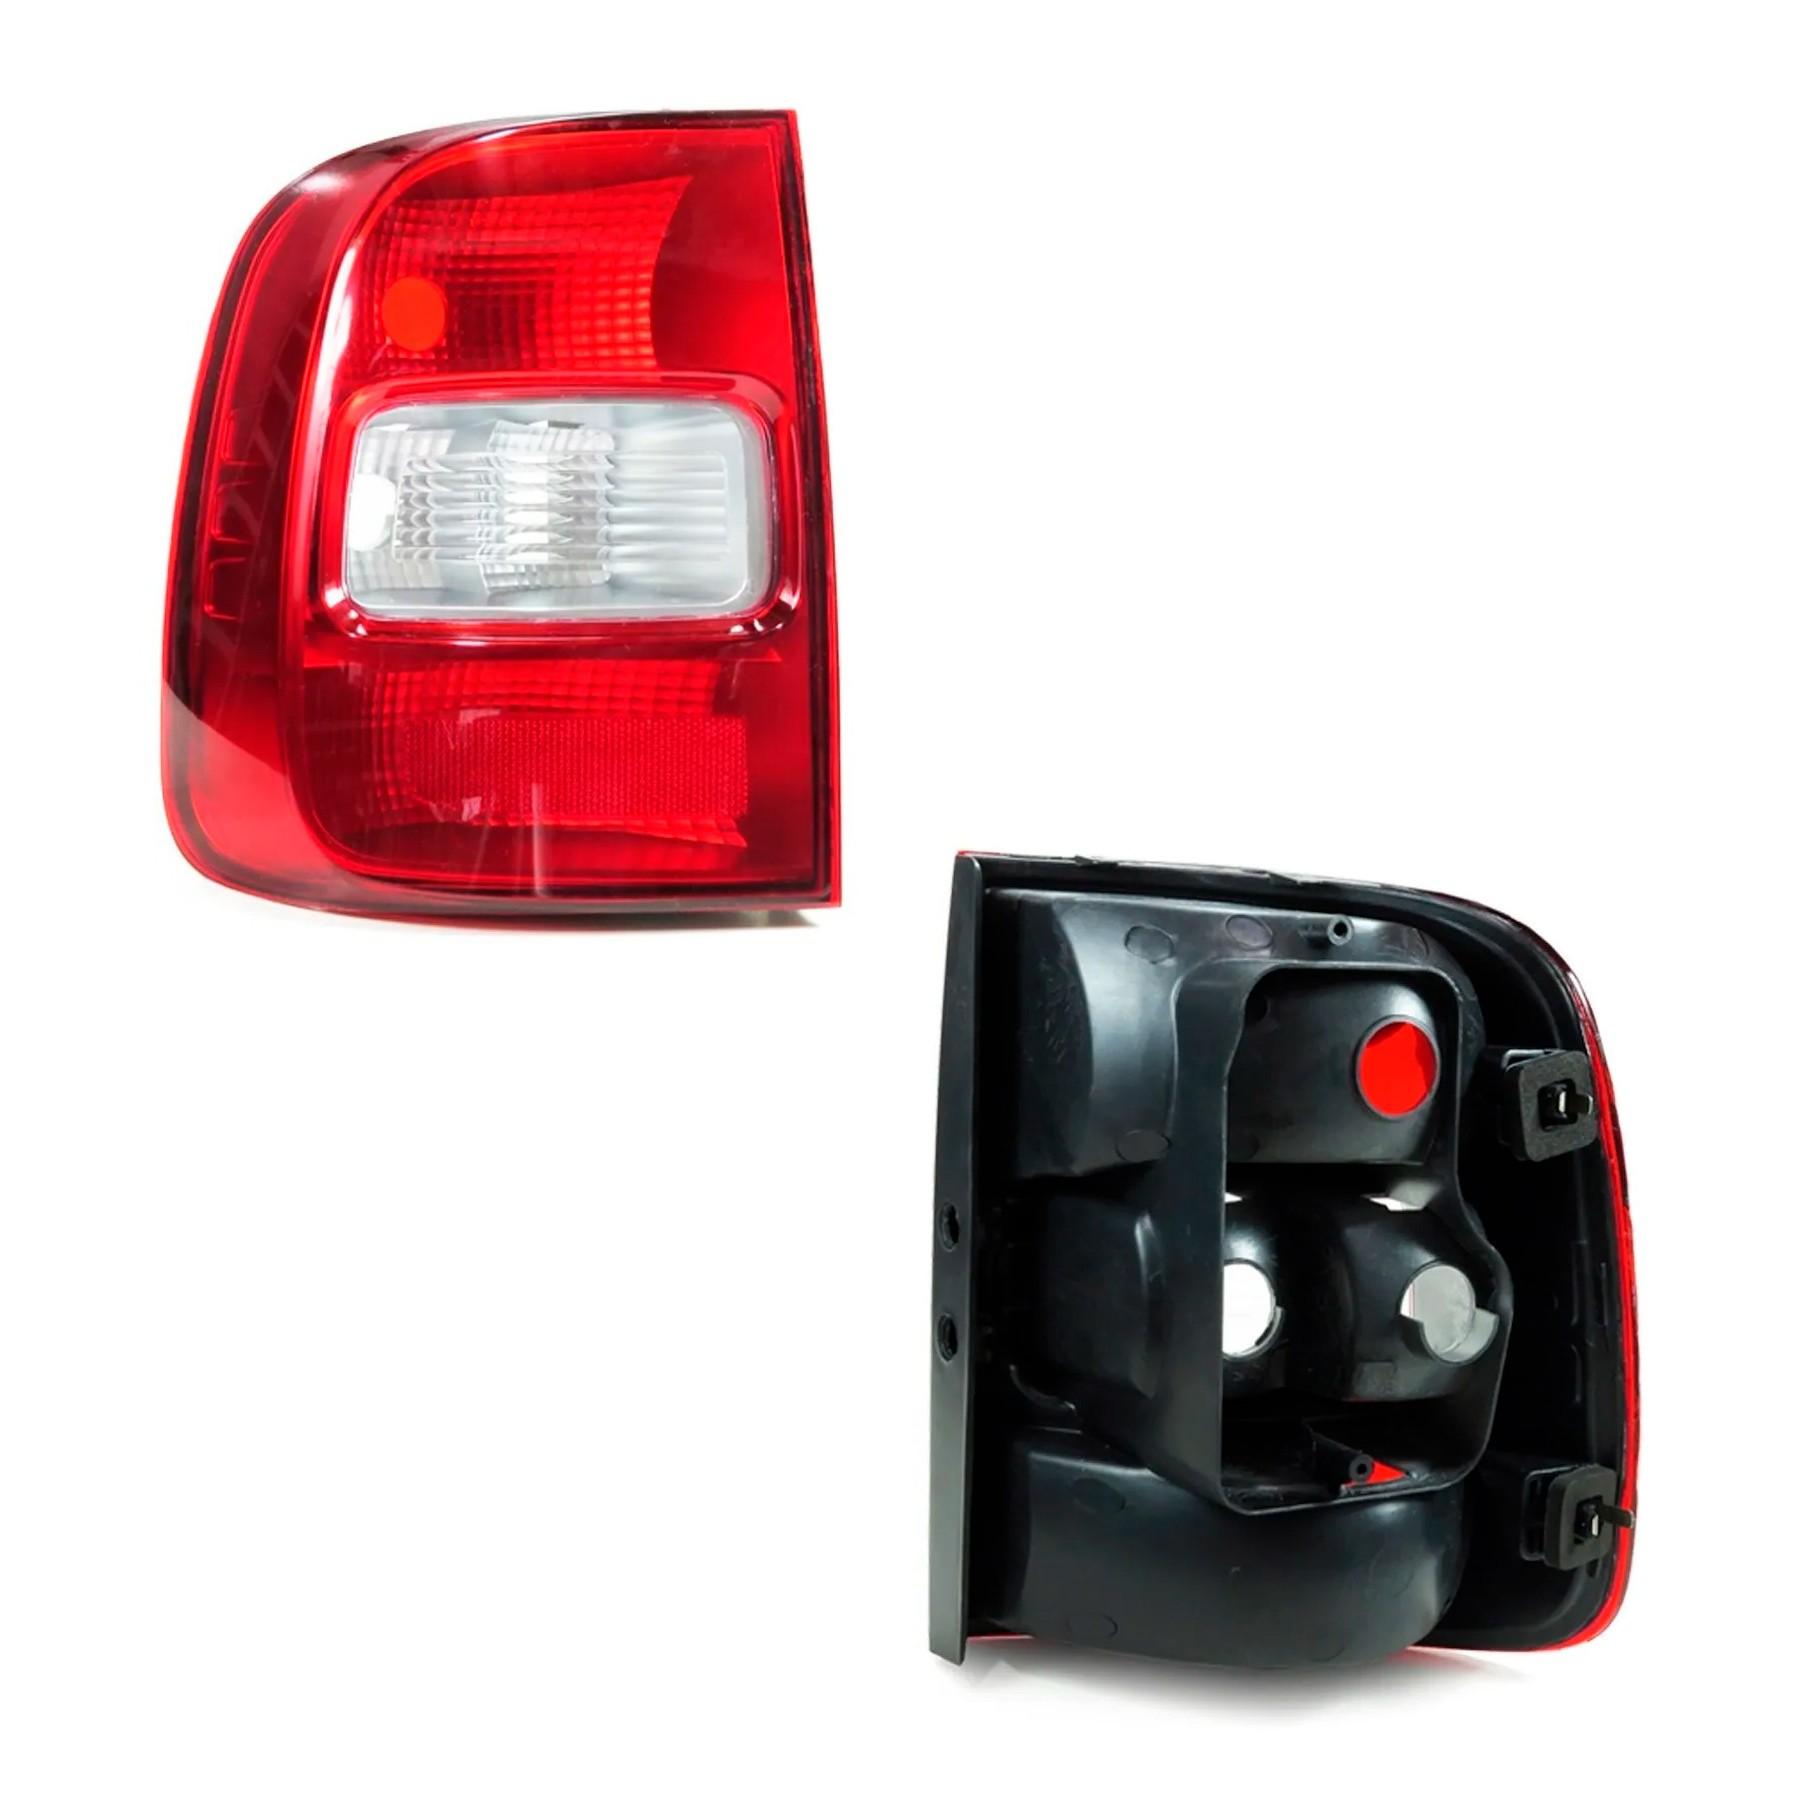 Lanterna Traseira Lado Esquerdo Saveiro G5 2009 a 2016 Bicolor